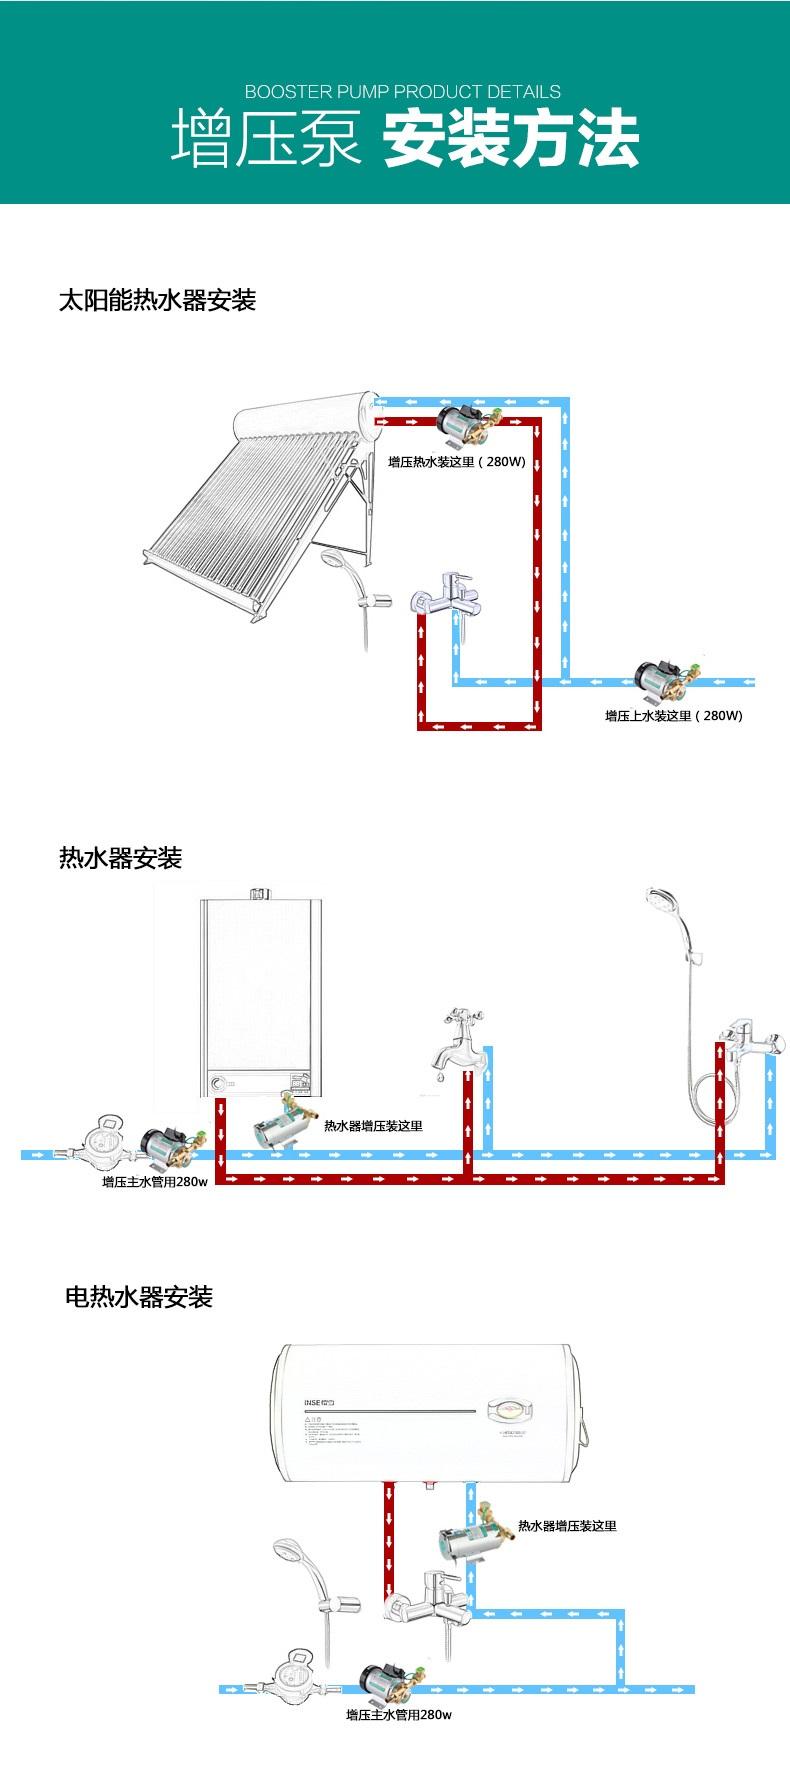 全自动增压泵安装方法